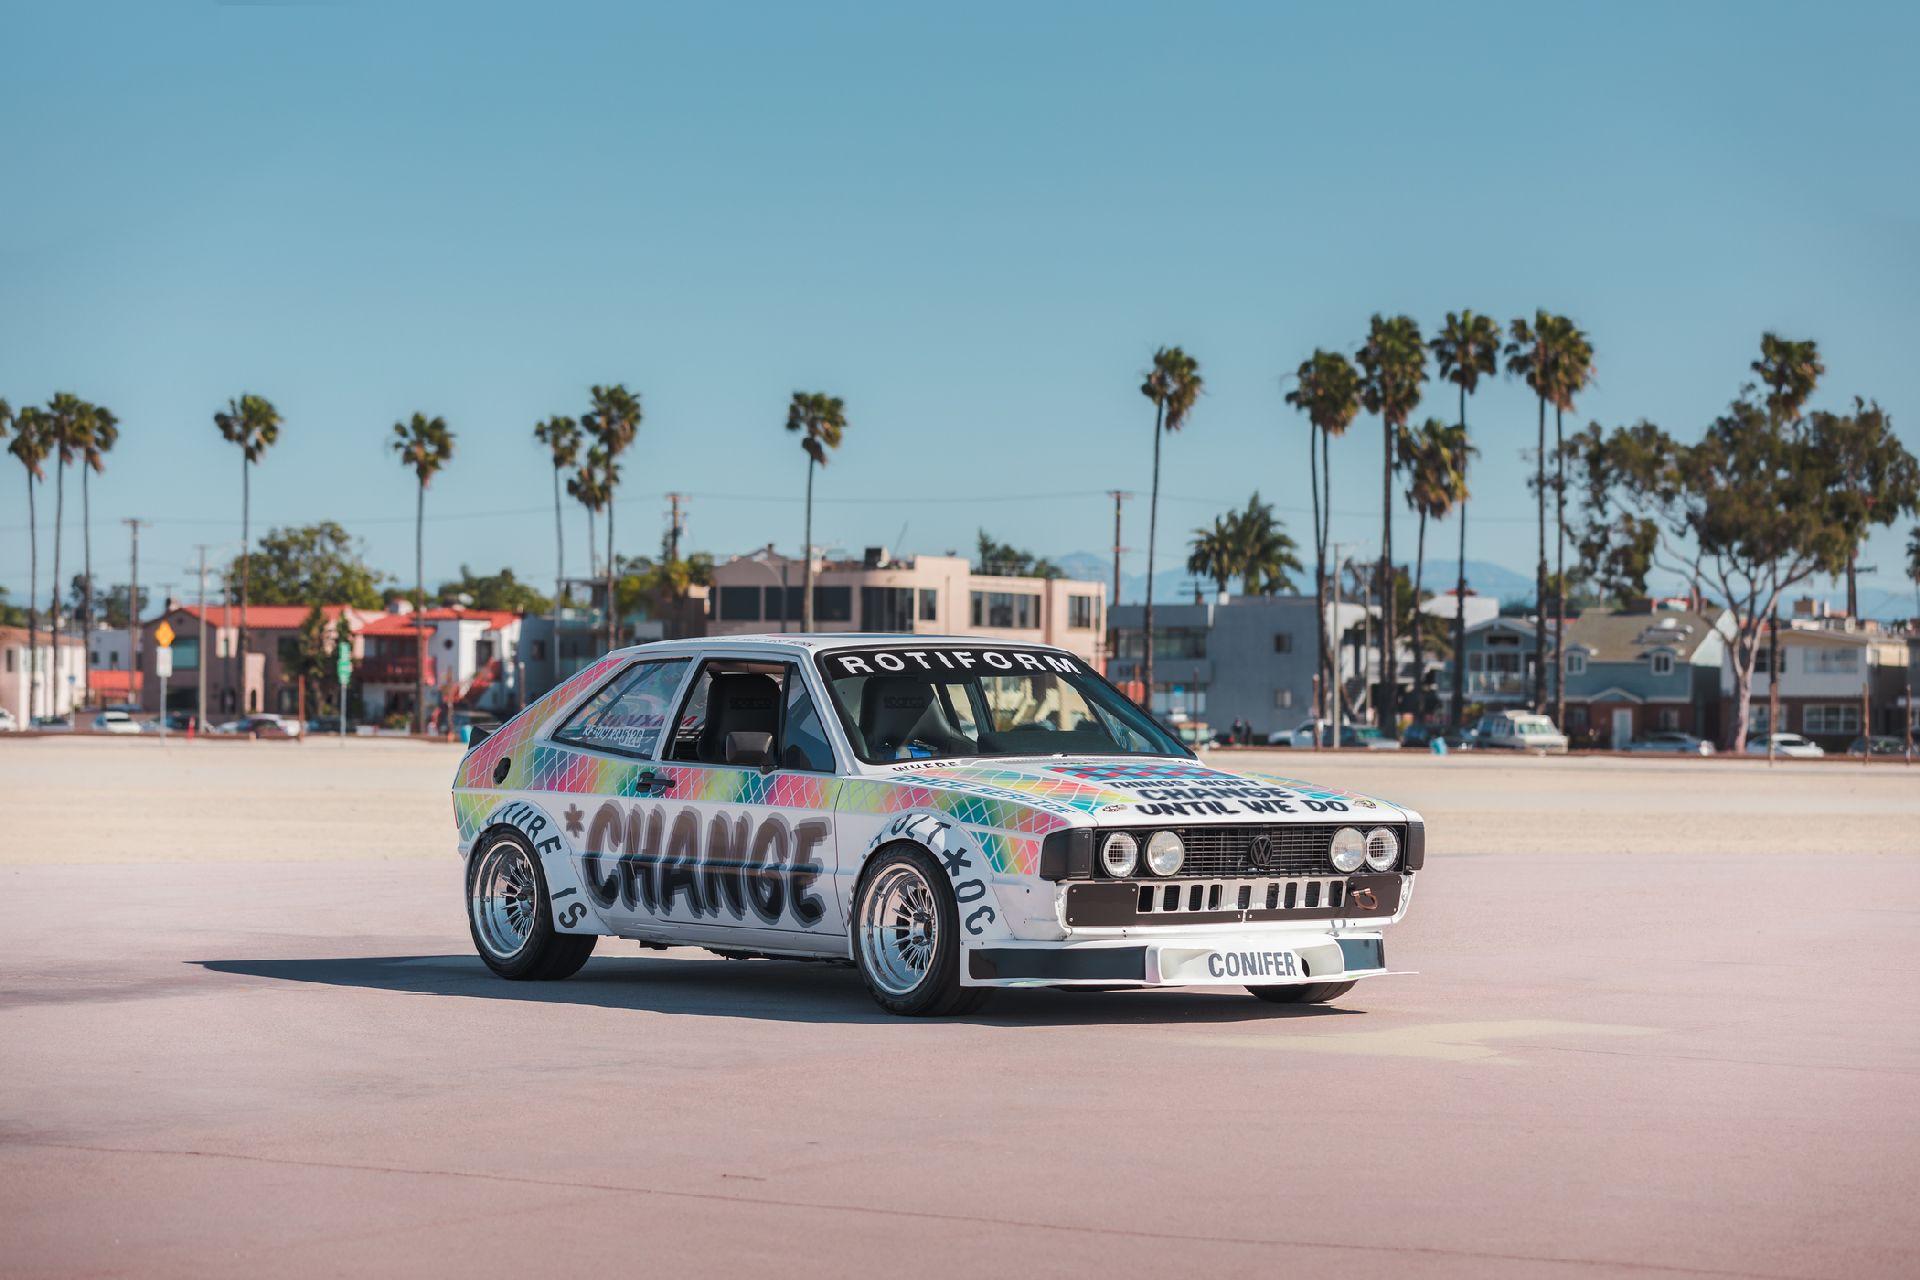 Владелец магазина автомобильных дисков в Калифорнии Джейсон Уиппл потратил свыше 10 лет на создание единственного в своем роде рестомода Million Dollar Scirocco